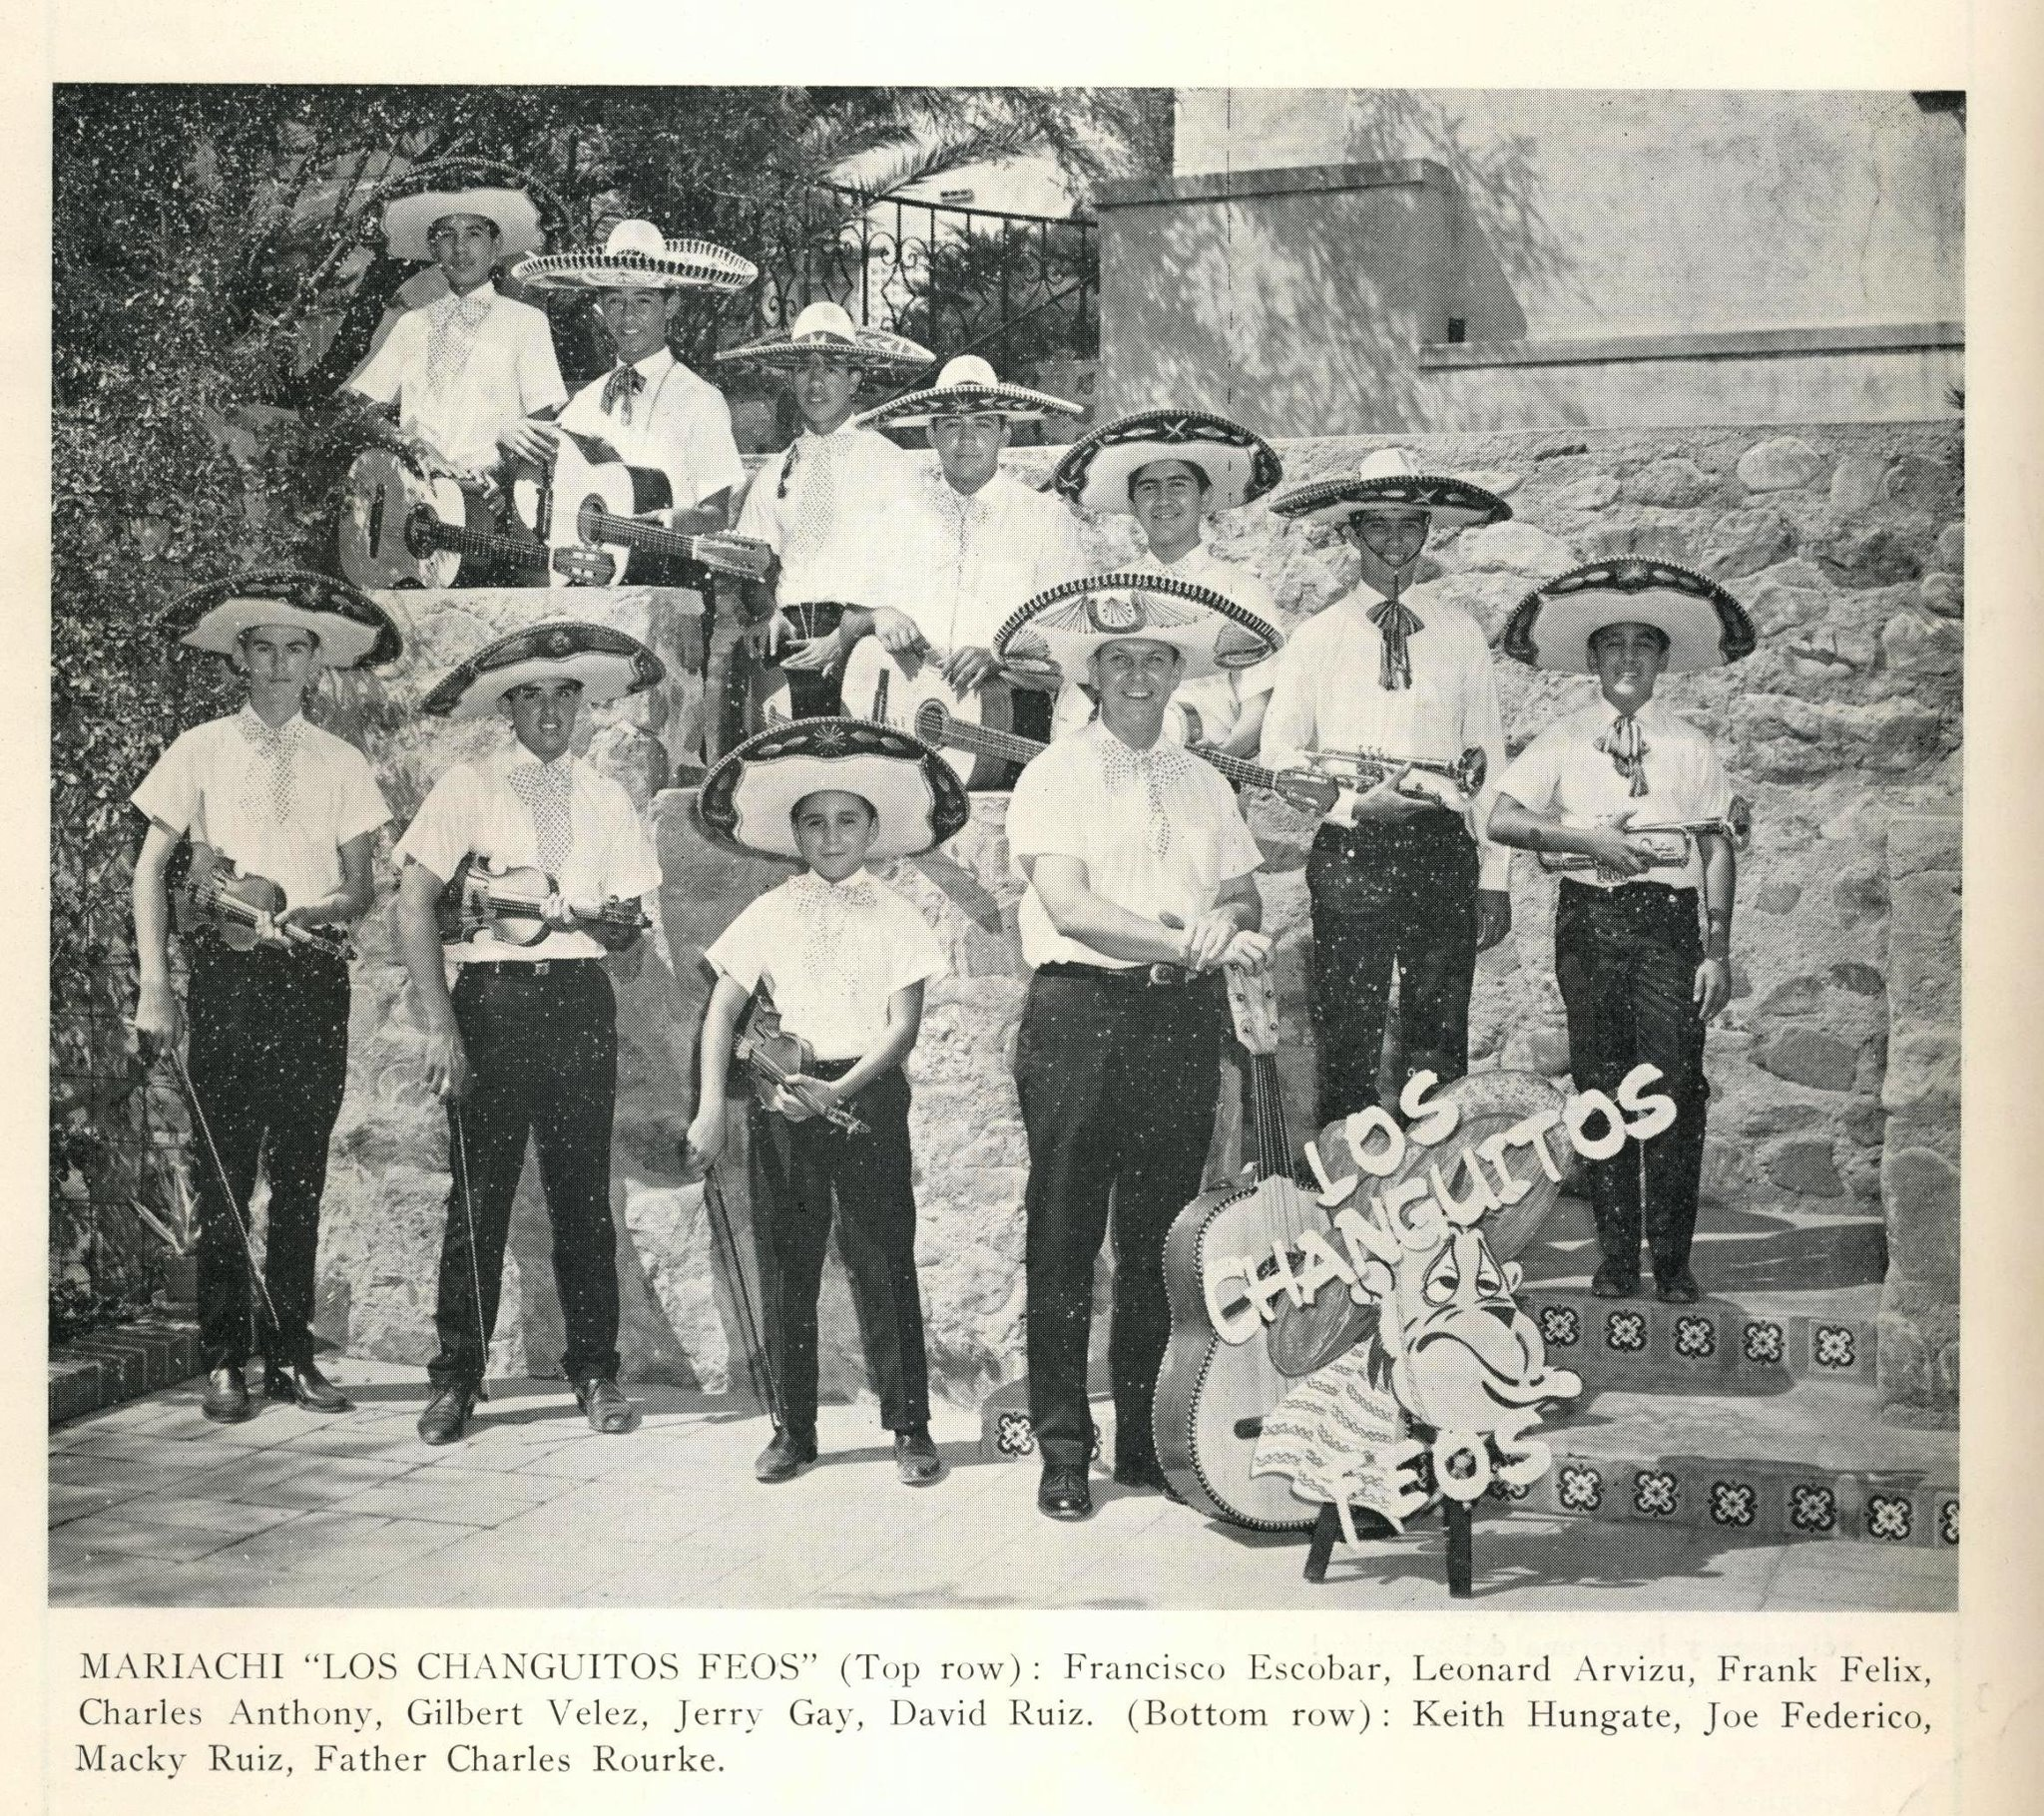 Los Changotos Feos de Tucson  - 1966